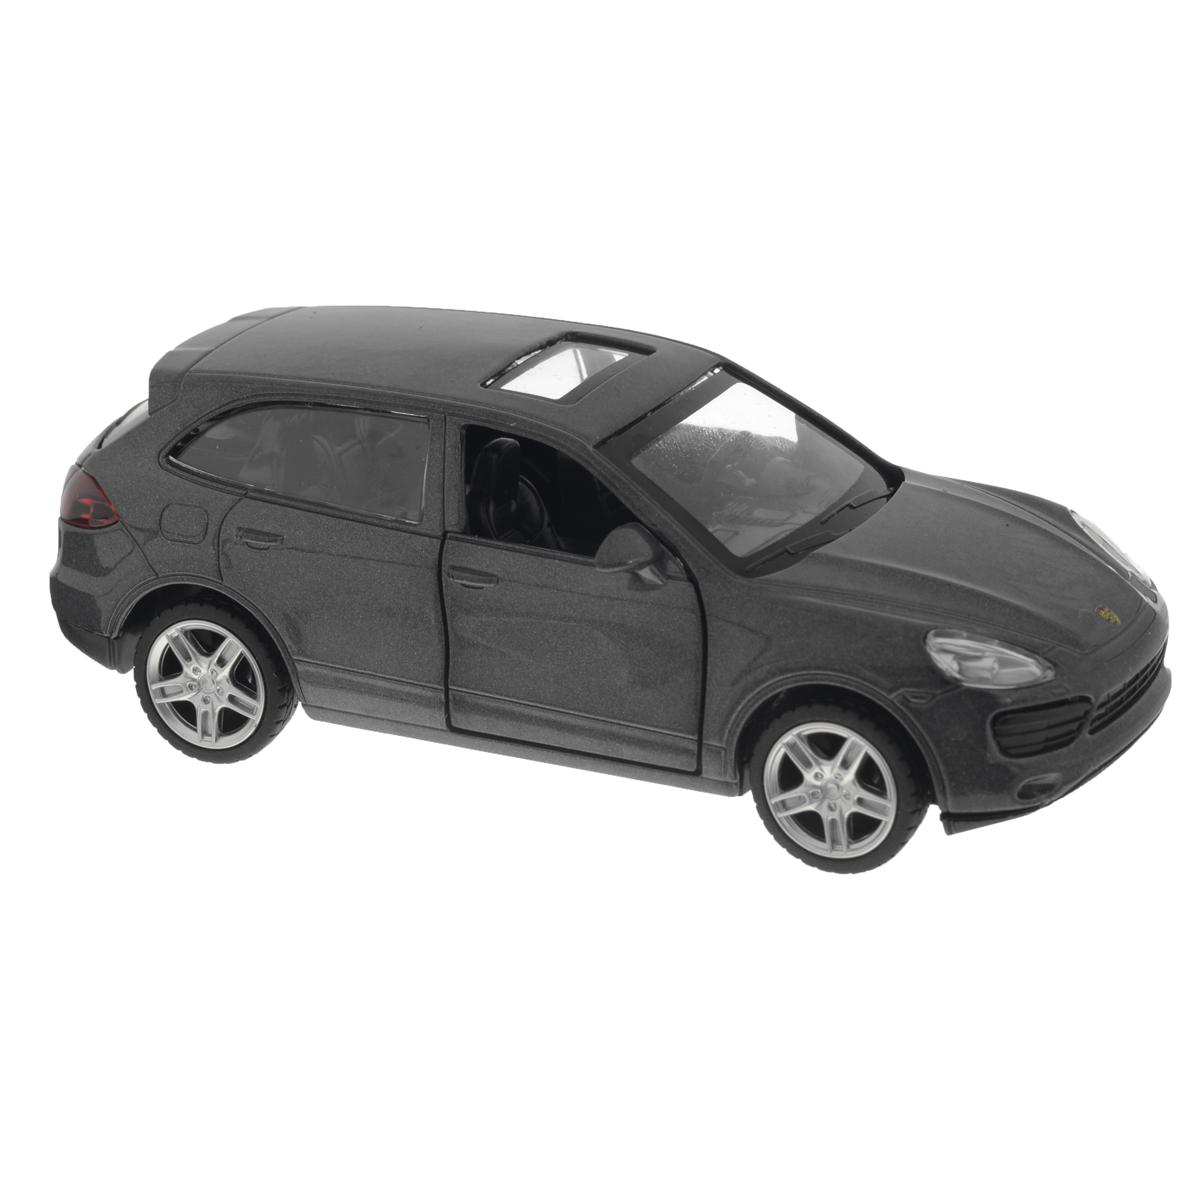 MSZ Модель автомобиля Porsche Cayenne S цвет серый67302GСтильная инерционная модель автомобиля MSZ Porsche Cayenne S, изготовленная из высококачественного металла и пластика, привлечет к себе внимание не только детей, но и взрослых. Модель является точной уменьшенной копией известного автомобиля Porsche Cayenne S. Игрушечная модель оснащена литым металлическим корпусом, лобовым, задним и боковыми стеклами. Колеса выполнены из резины и вращаются. Открываются передние двери, руль не вращается, салон детализирован. Игрушка оснащена инерционным ходом. Машинку необходимо отвести назад, затем отпустить - и она быстро поедет вперед. Прорезиненные колеса обеспечивают надежное сцепление с любой поверхностью пола. Ваш ребенок будет часами играть с этой машинкой, придумывая различные истории. Порадуйте его таким замечательным подарком!